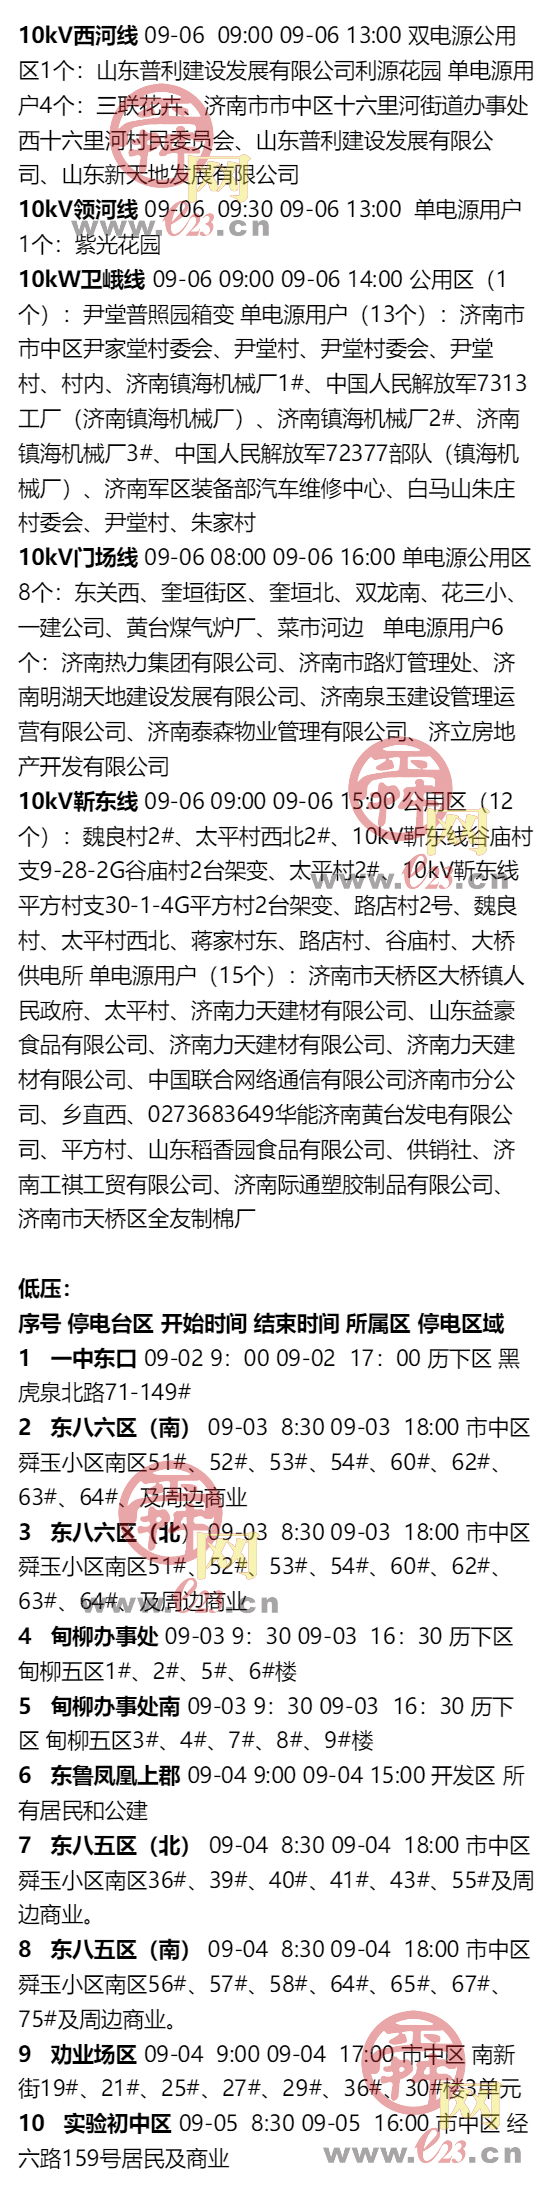 8月31日至9月6日济南部分区域电力设备检修通知